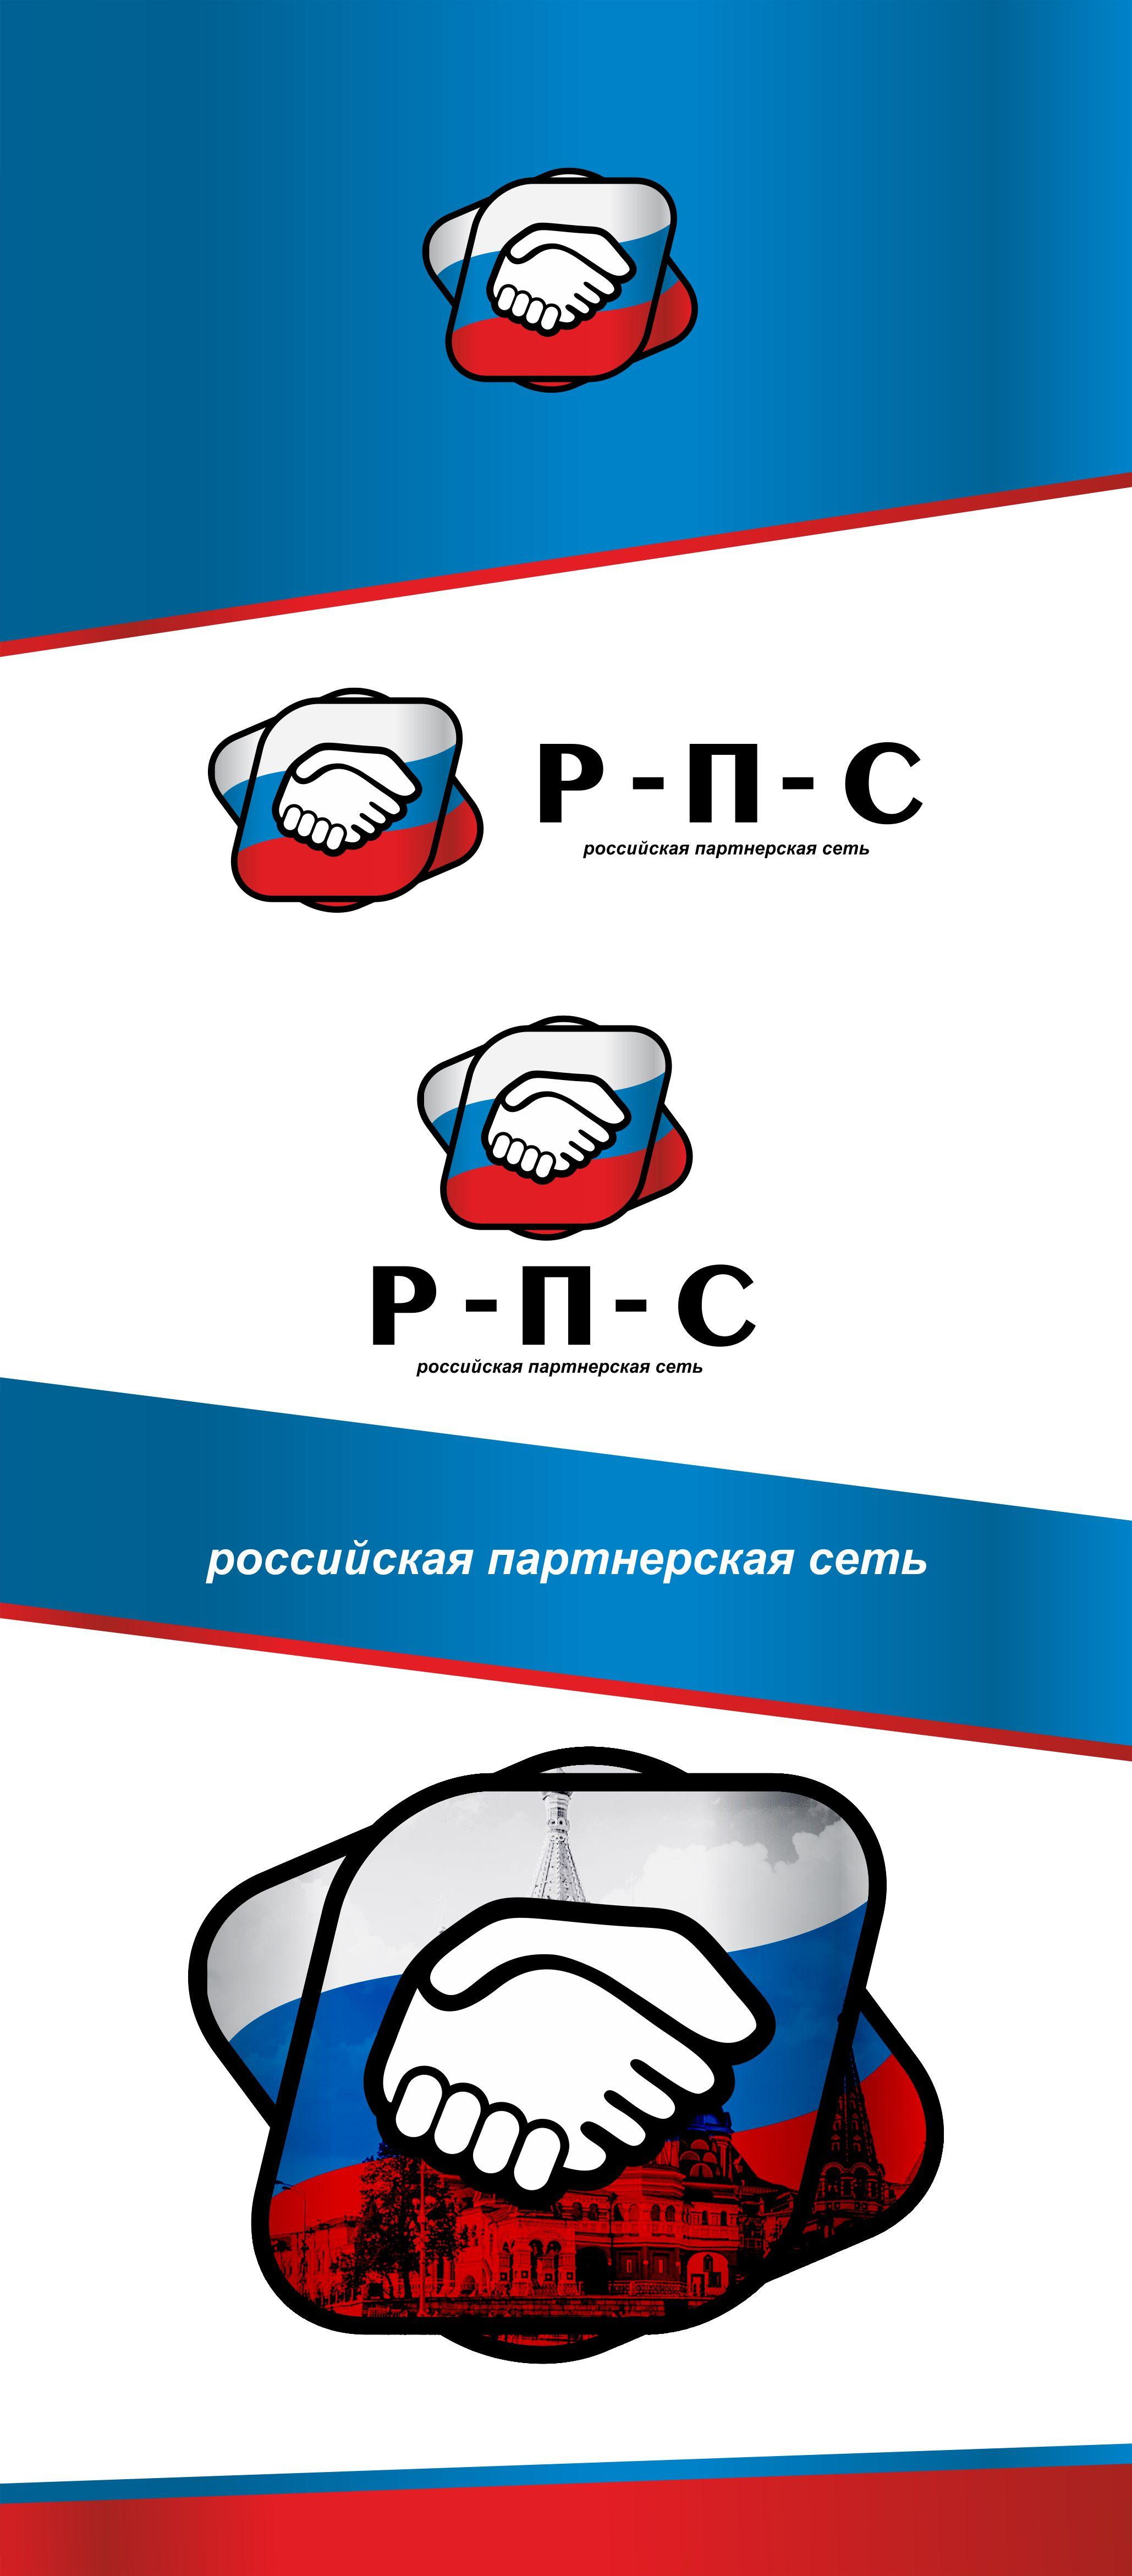 """Разработка логотипа для компании """"RPN"""" российская партнерская сеть"""